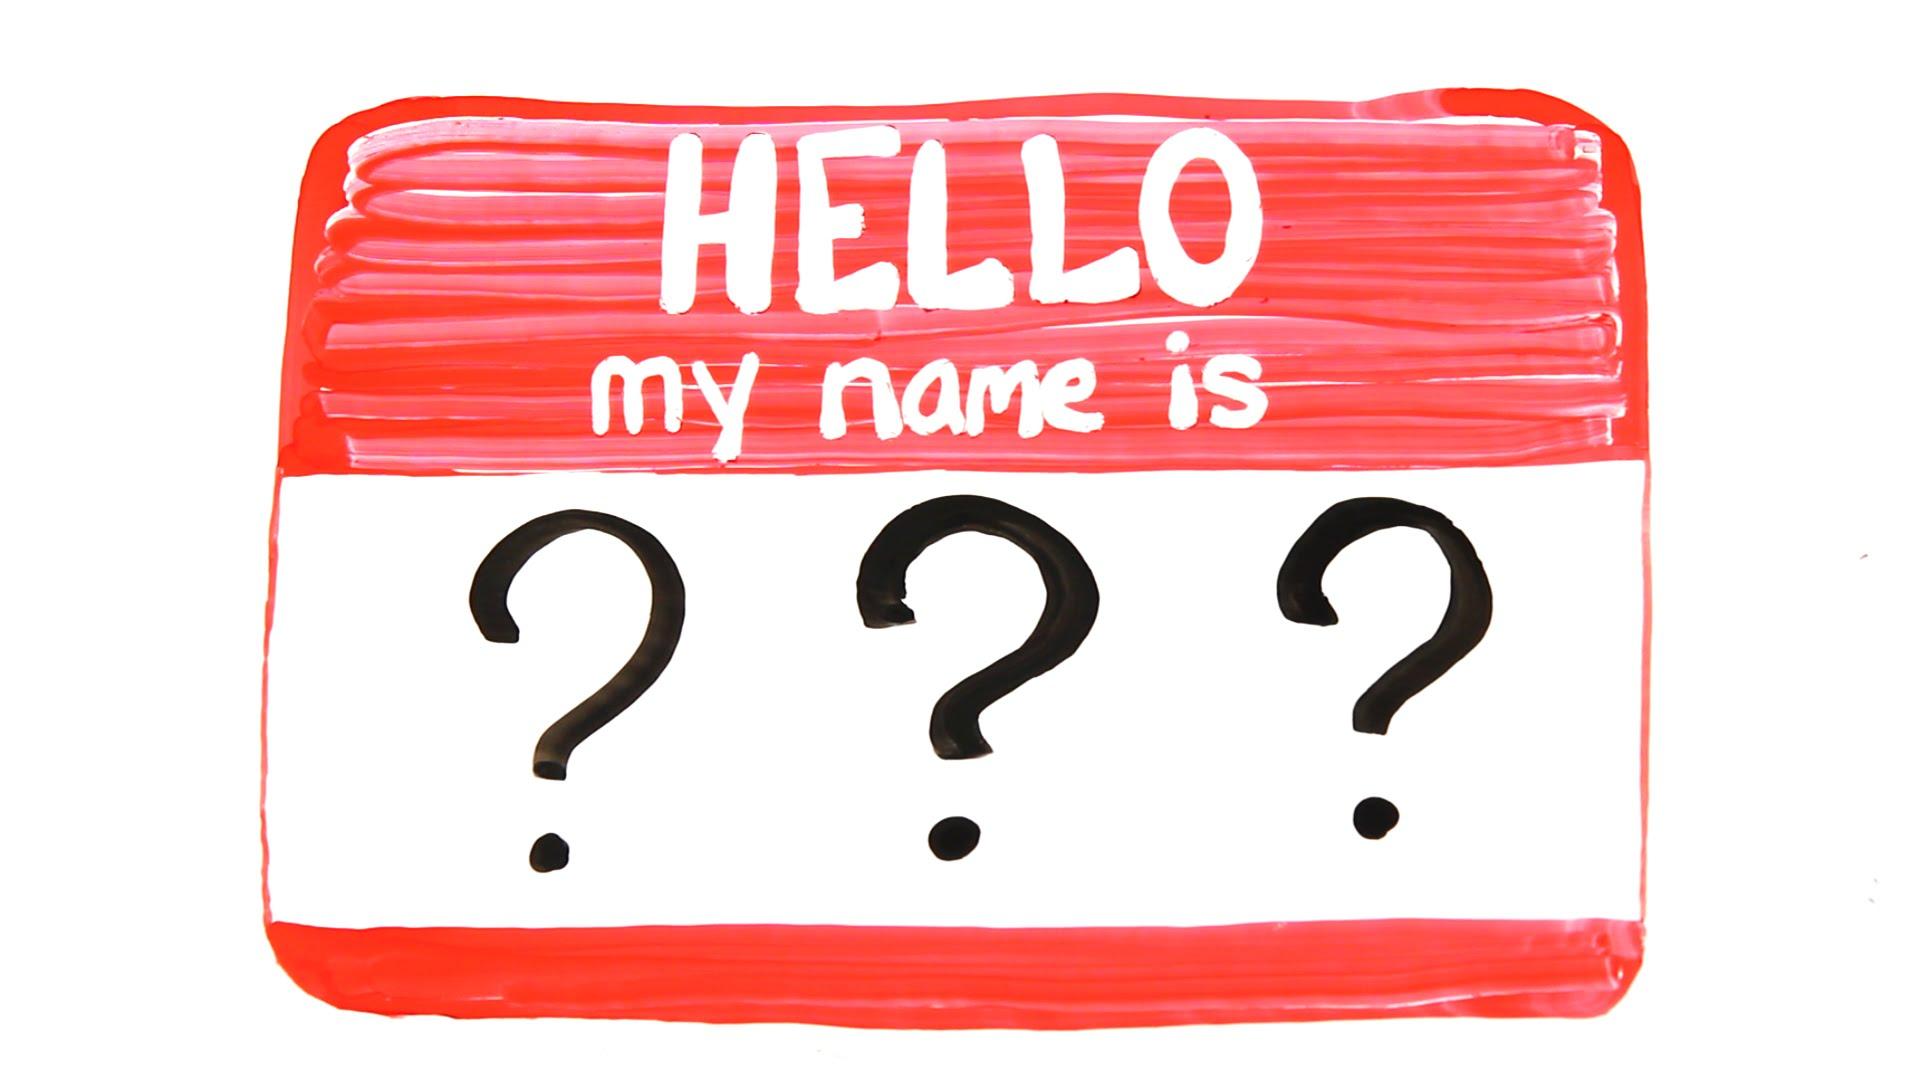 روش های به خاطر سپردن اسامی/ این مقاله را از دست ندهید.